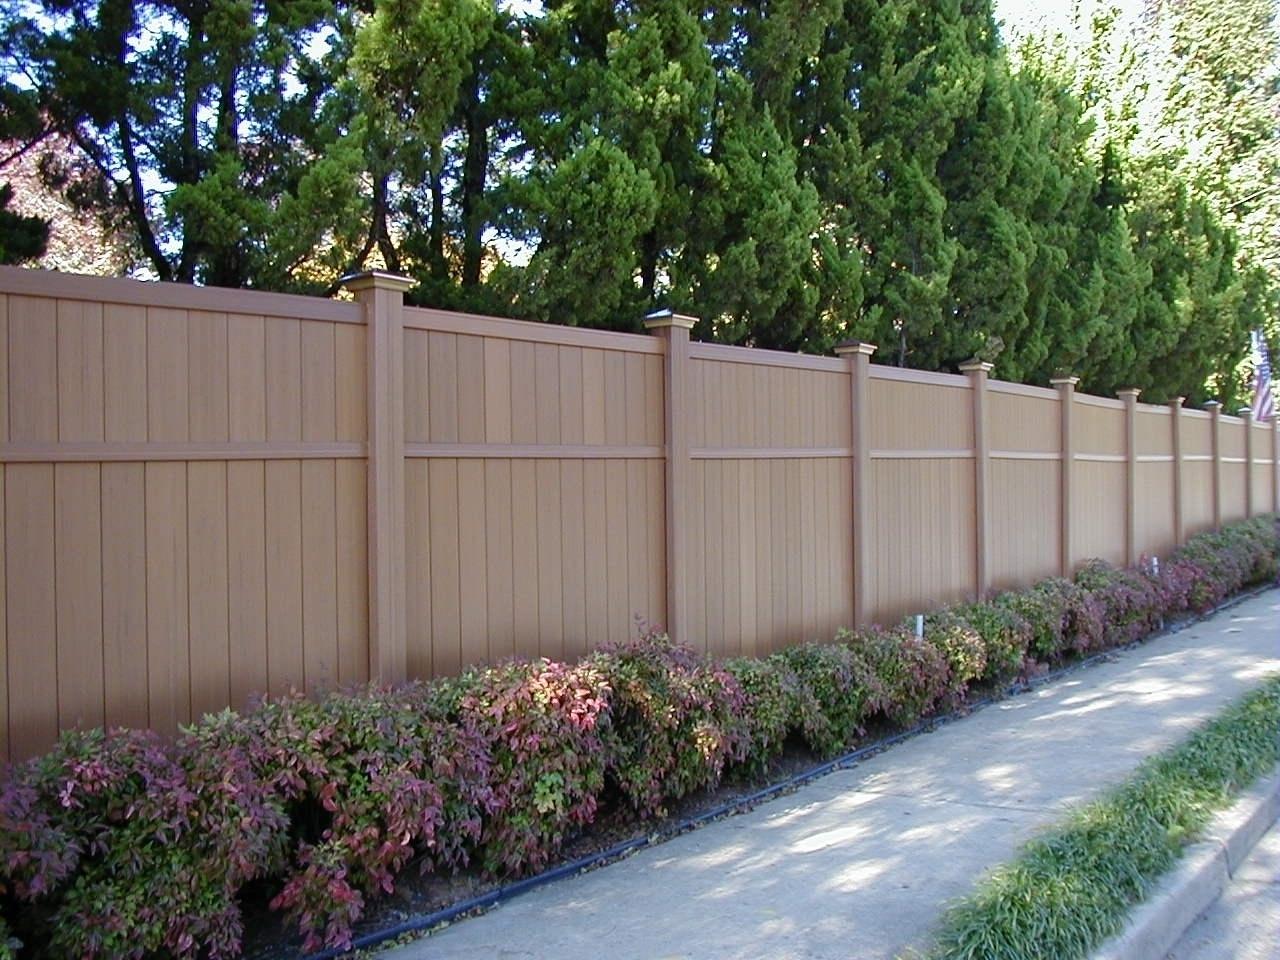 Recinzioni in pvc recinzioni - Palizzate per giardino ...